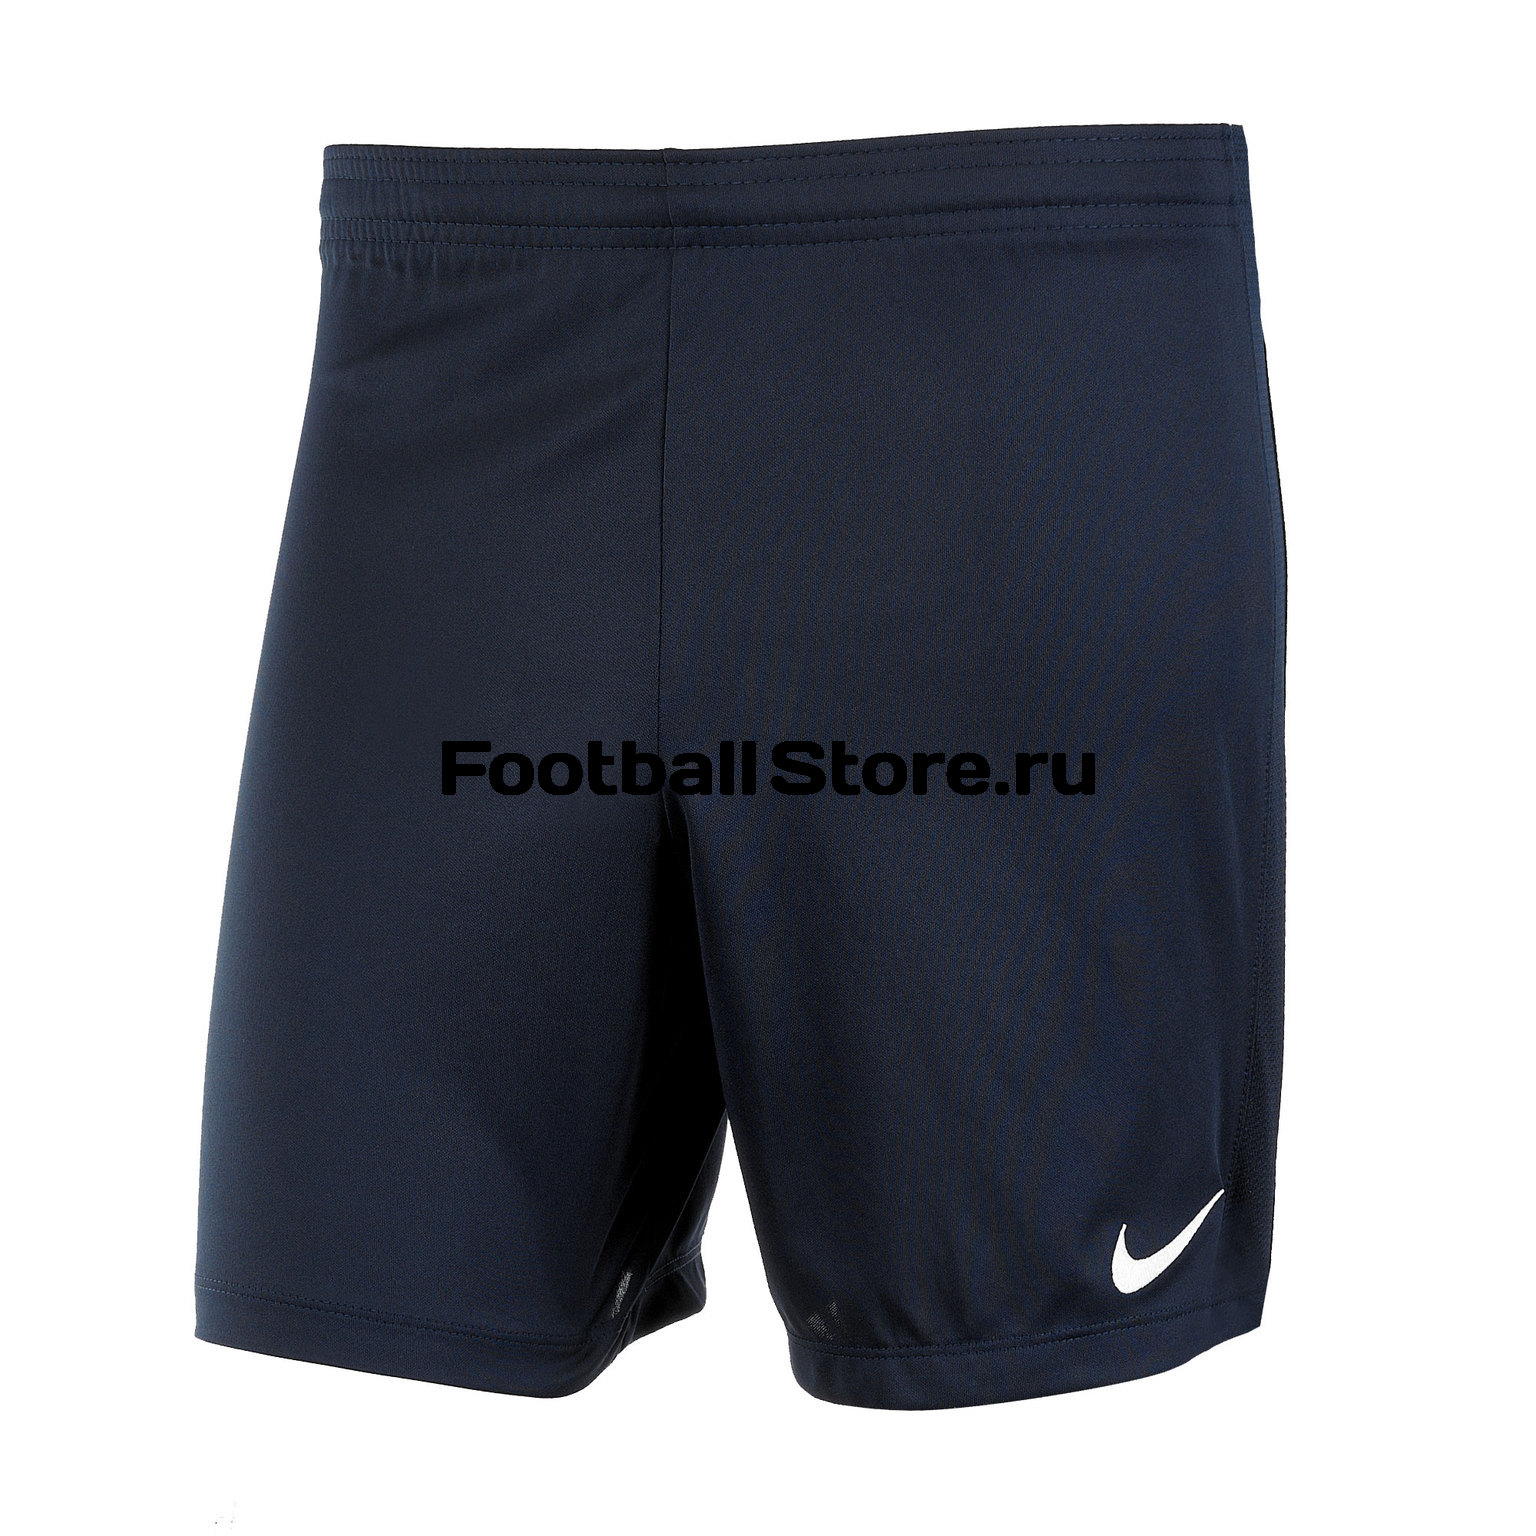 Шорты тренировочные Nike YTH Dry Academy18 Short 893748-451